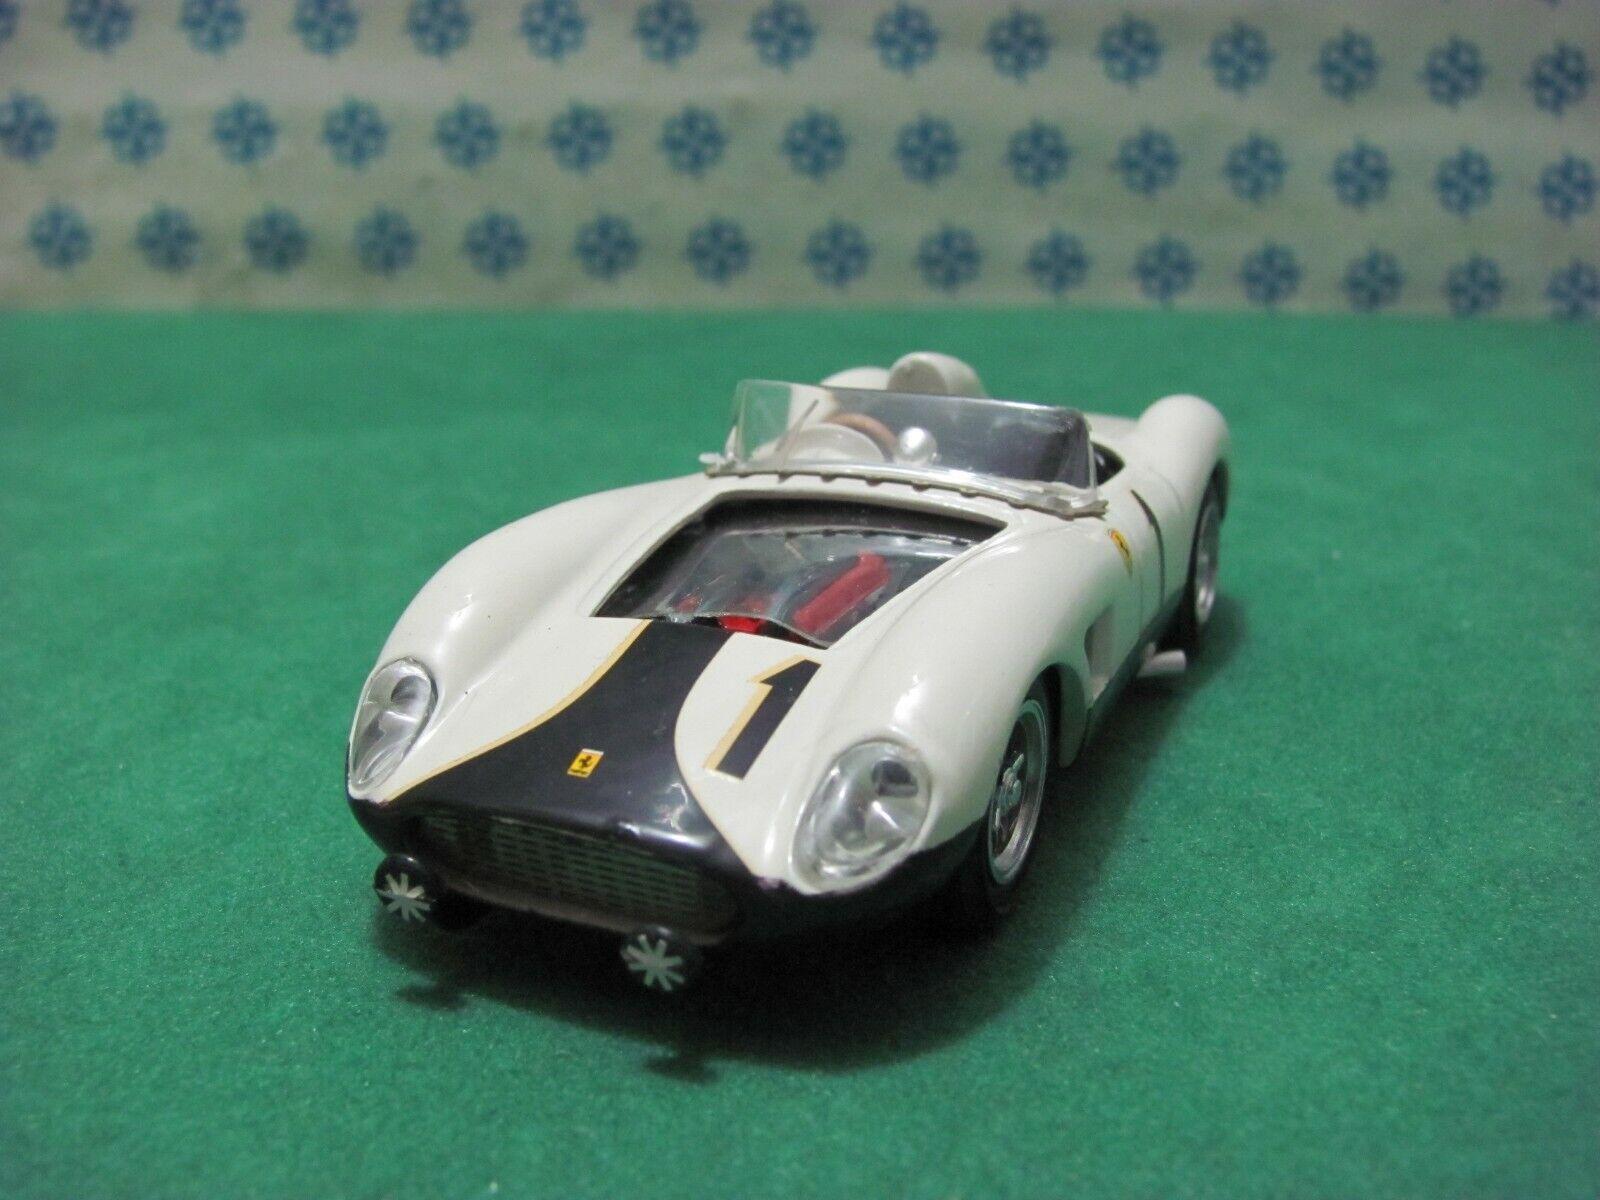 Ferrari 500 TRC 2000cc. Spyder G.P  Suède 1957 -  1 43 Art Model 043  vente chaude en ligne